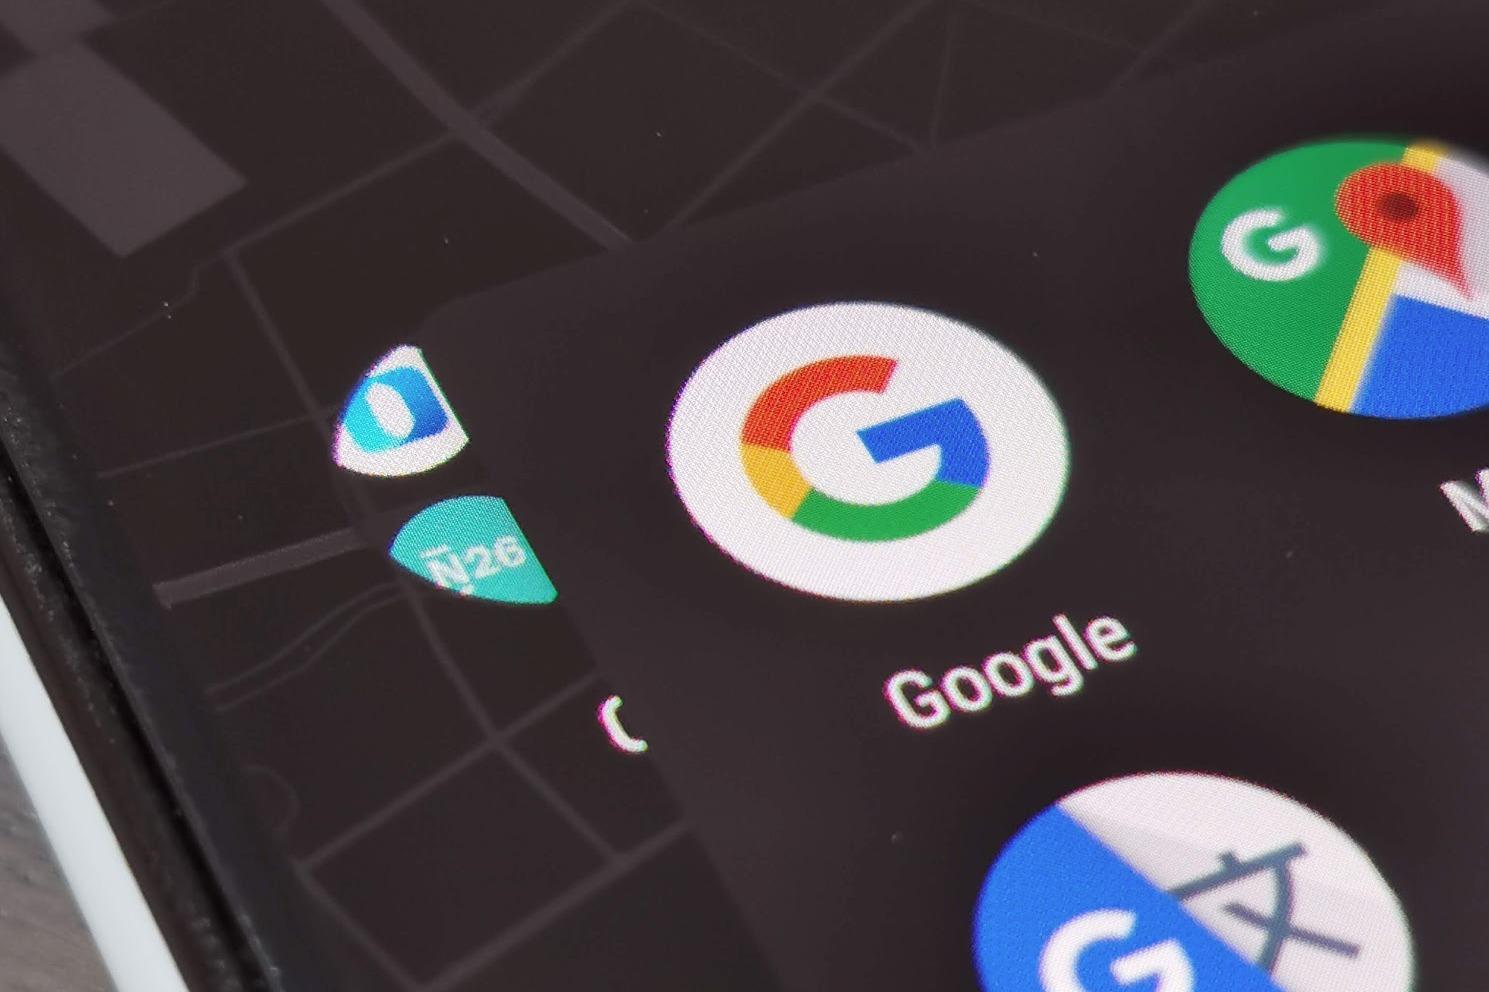 """Google: Suche-App jetzt mit neuer """"Ohne Konto verwenden""""-Option"""